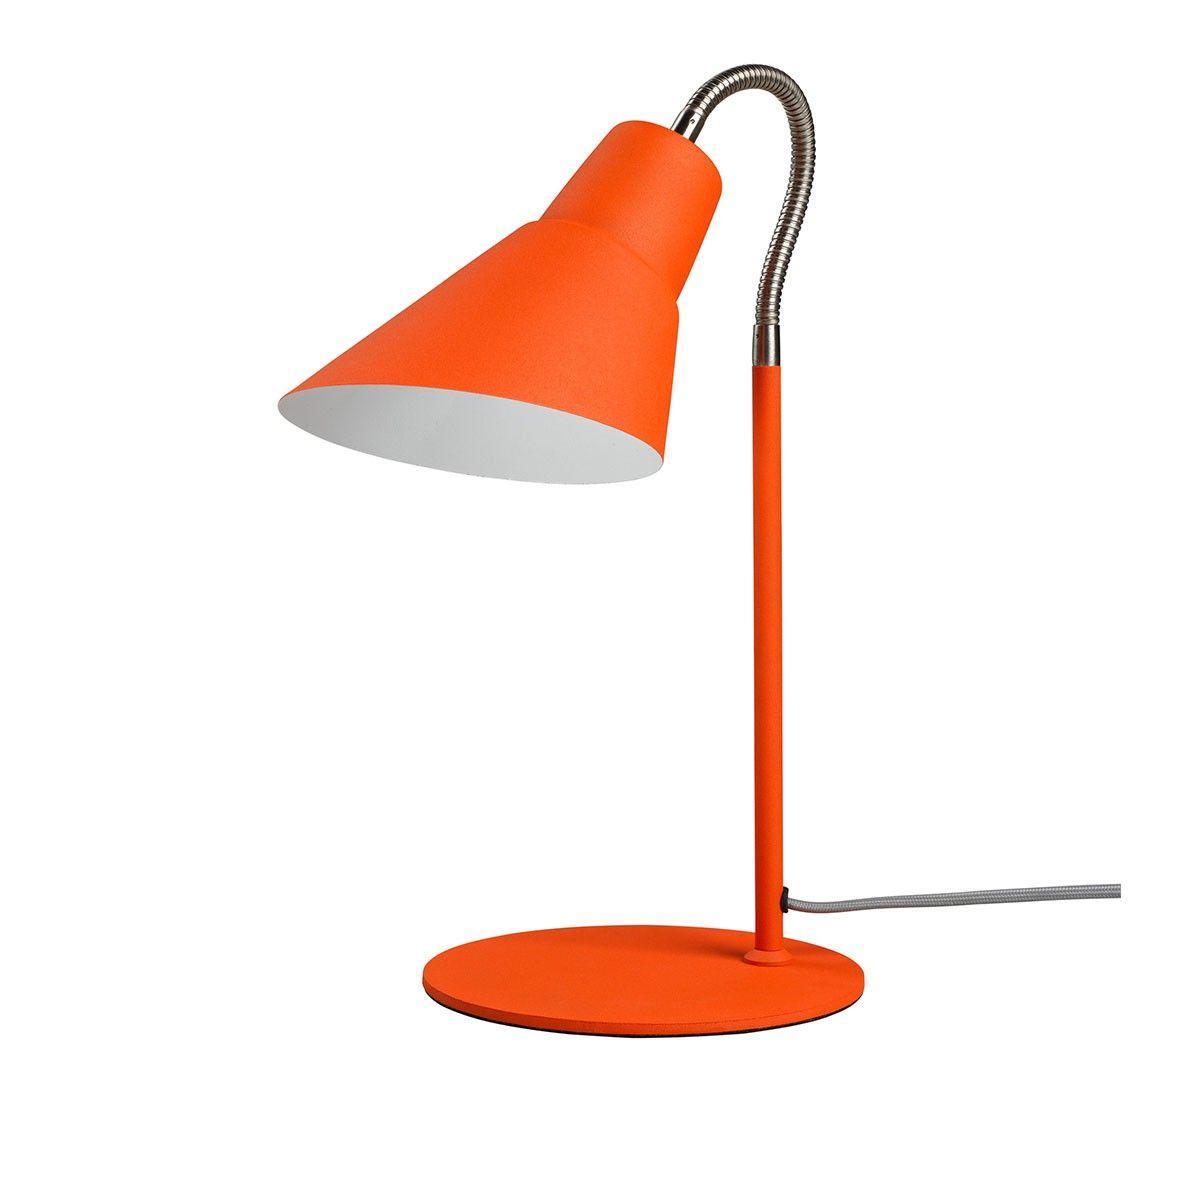 Lampe De Bureau Gooseneck Orange Entre Tradition Et Modernite La Lampe De Bureau